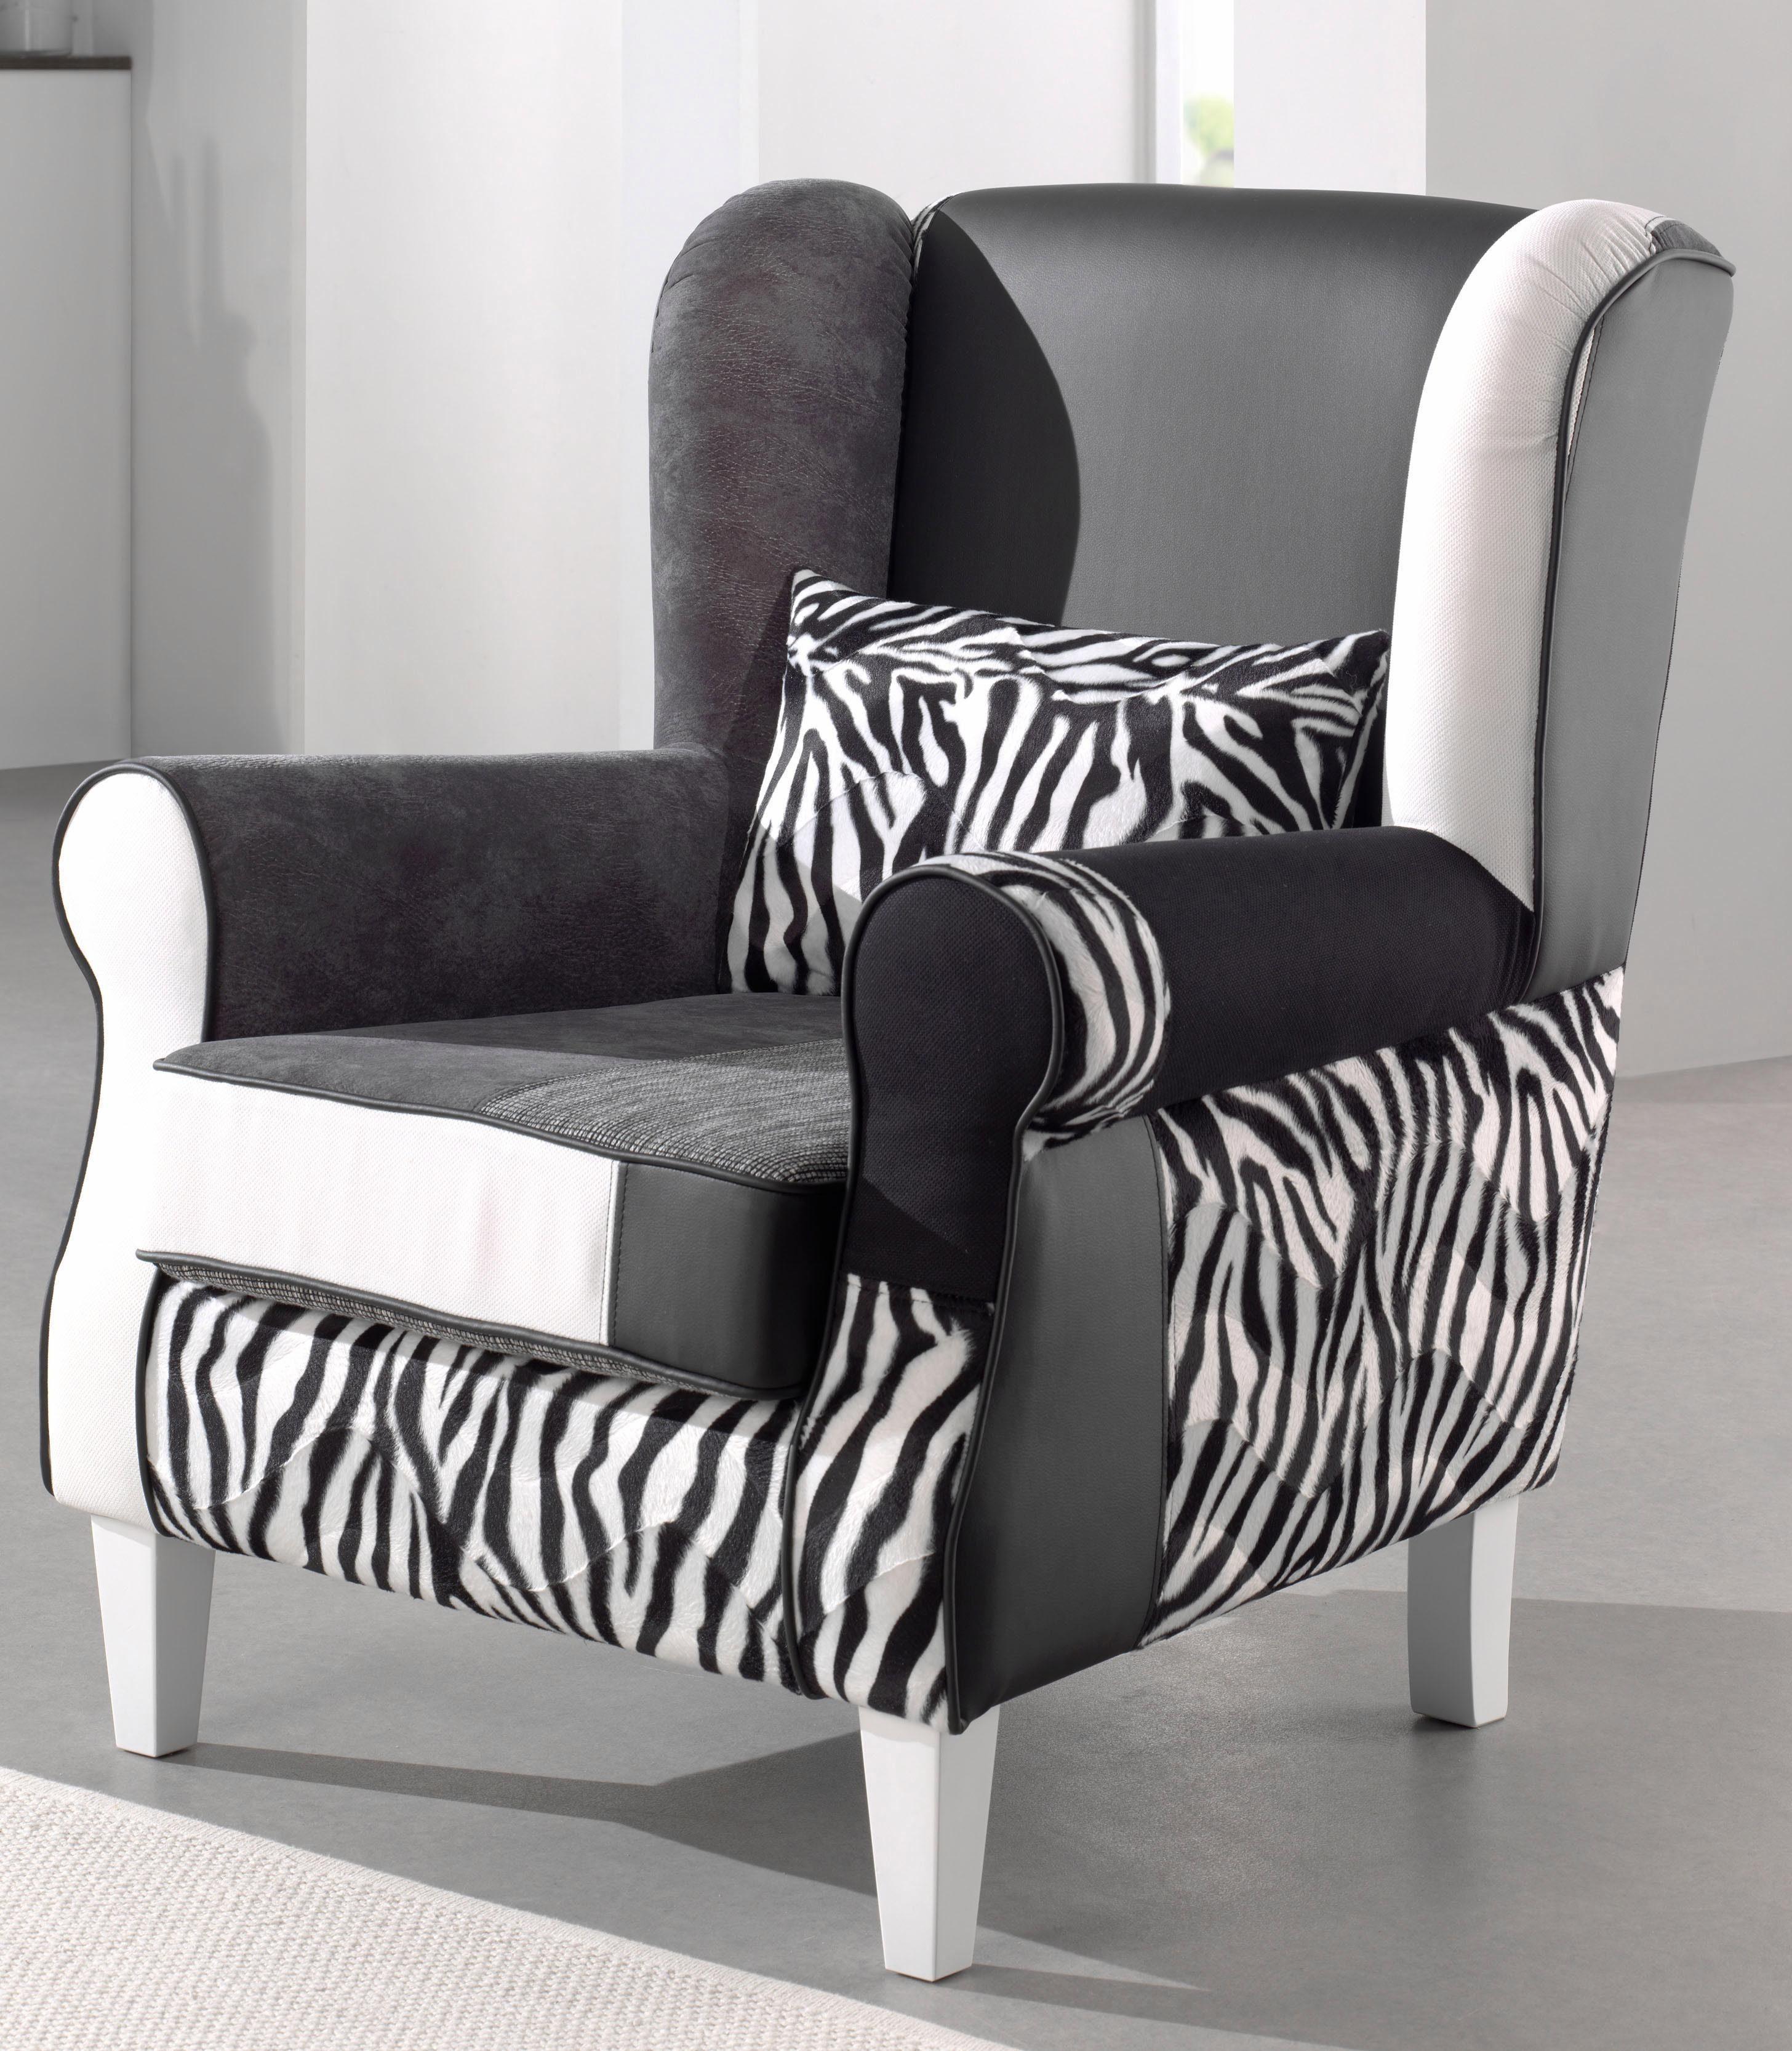 INOSIGN Patchwork- Sessel «Angela plus», mit Zierkissen in Zebra-Look